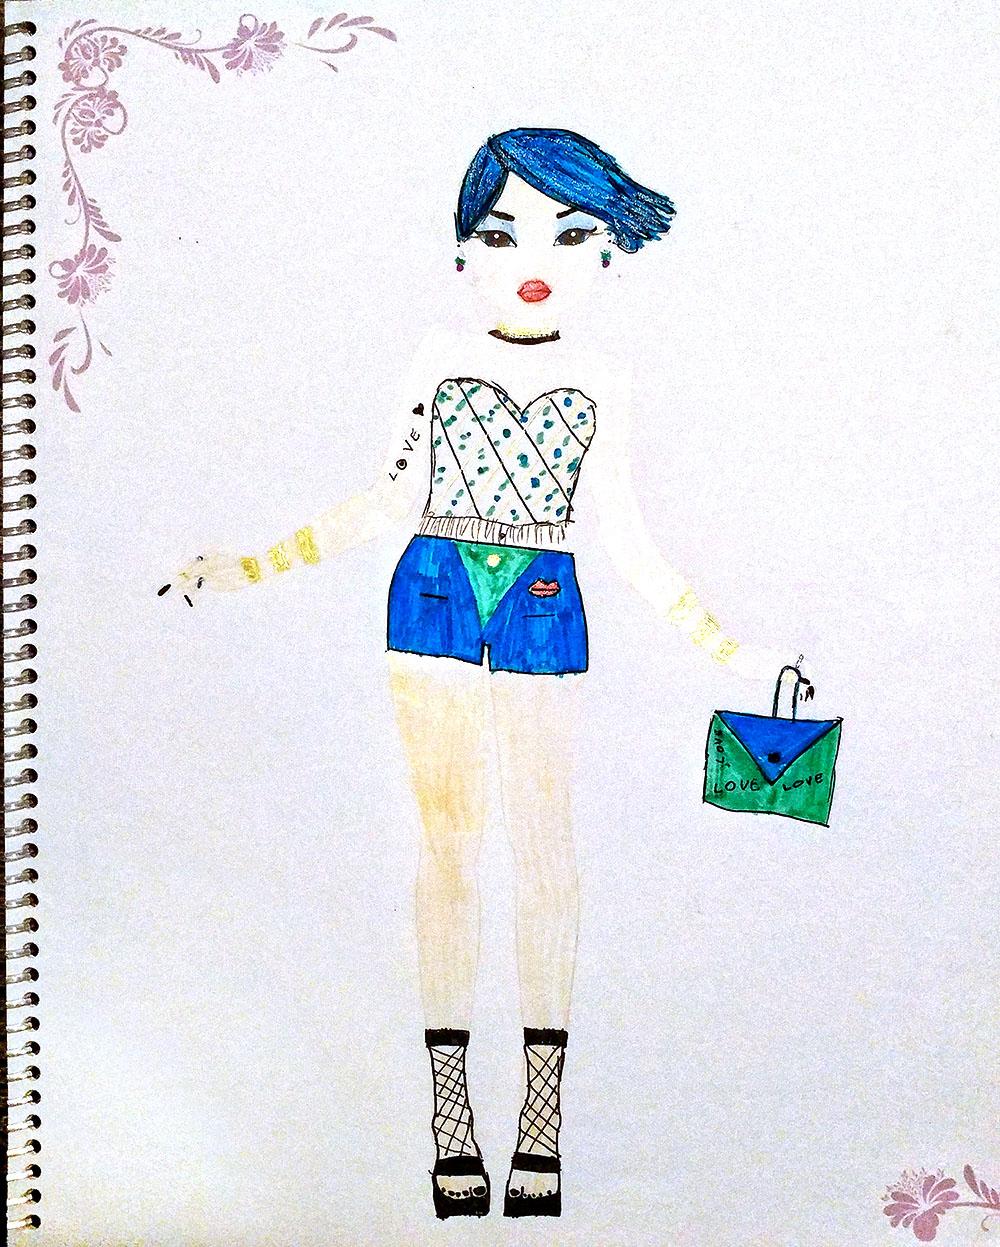 Amelija Z., 8years, from Lithuania